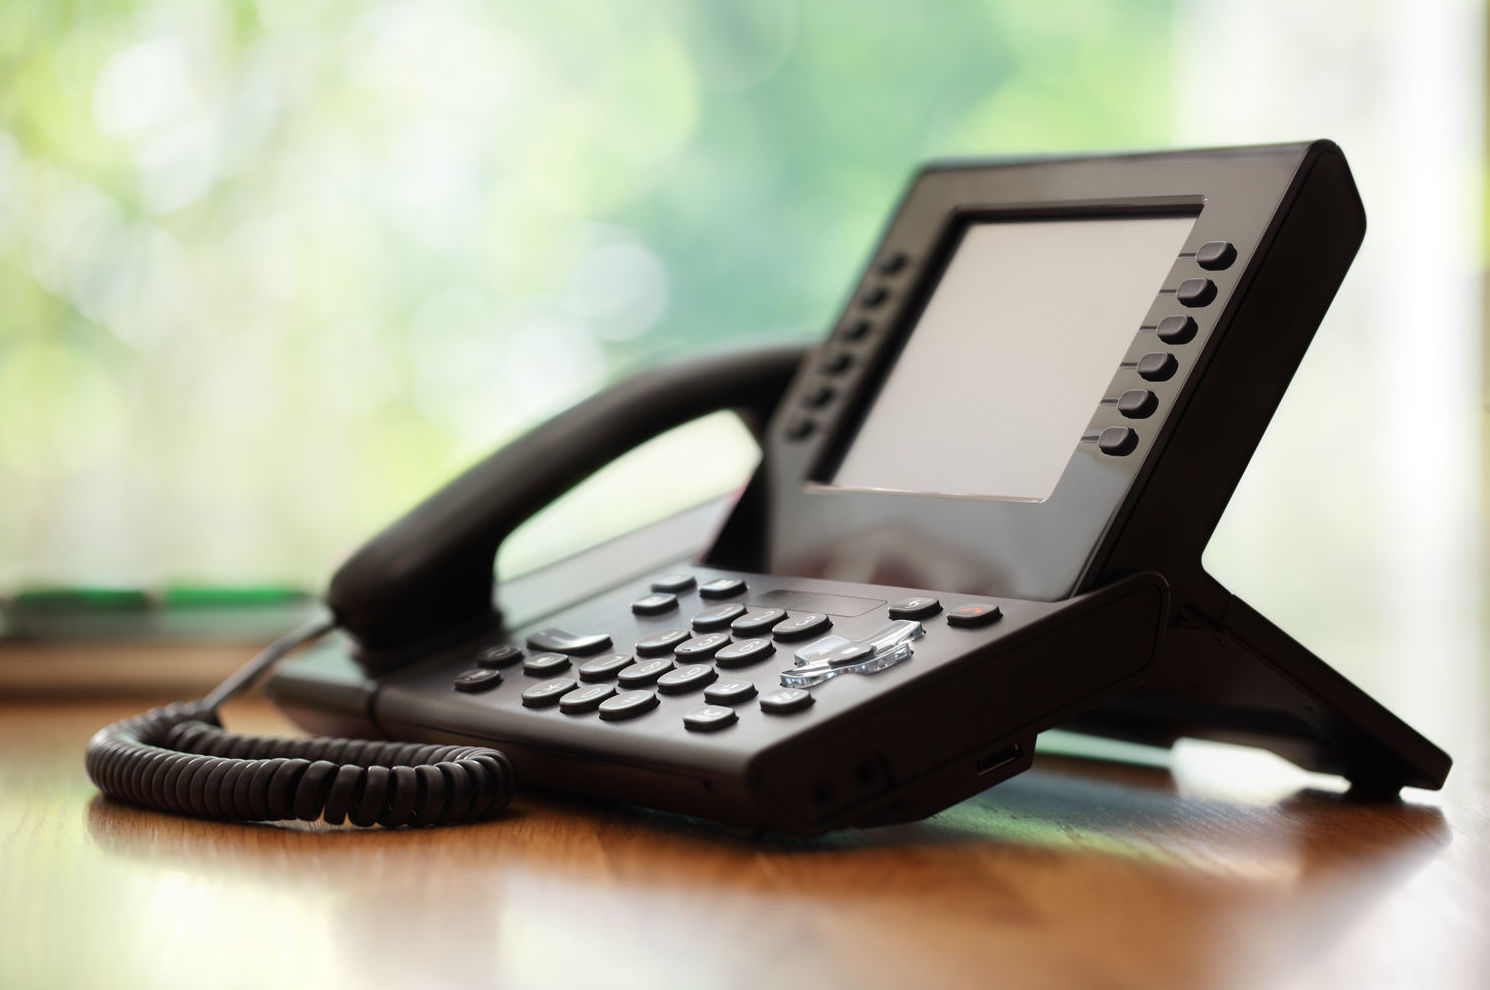 Soluciones de telefonía para PYMES